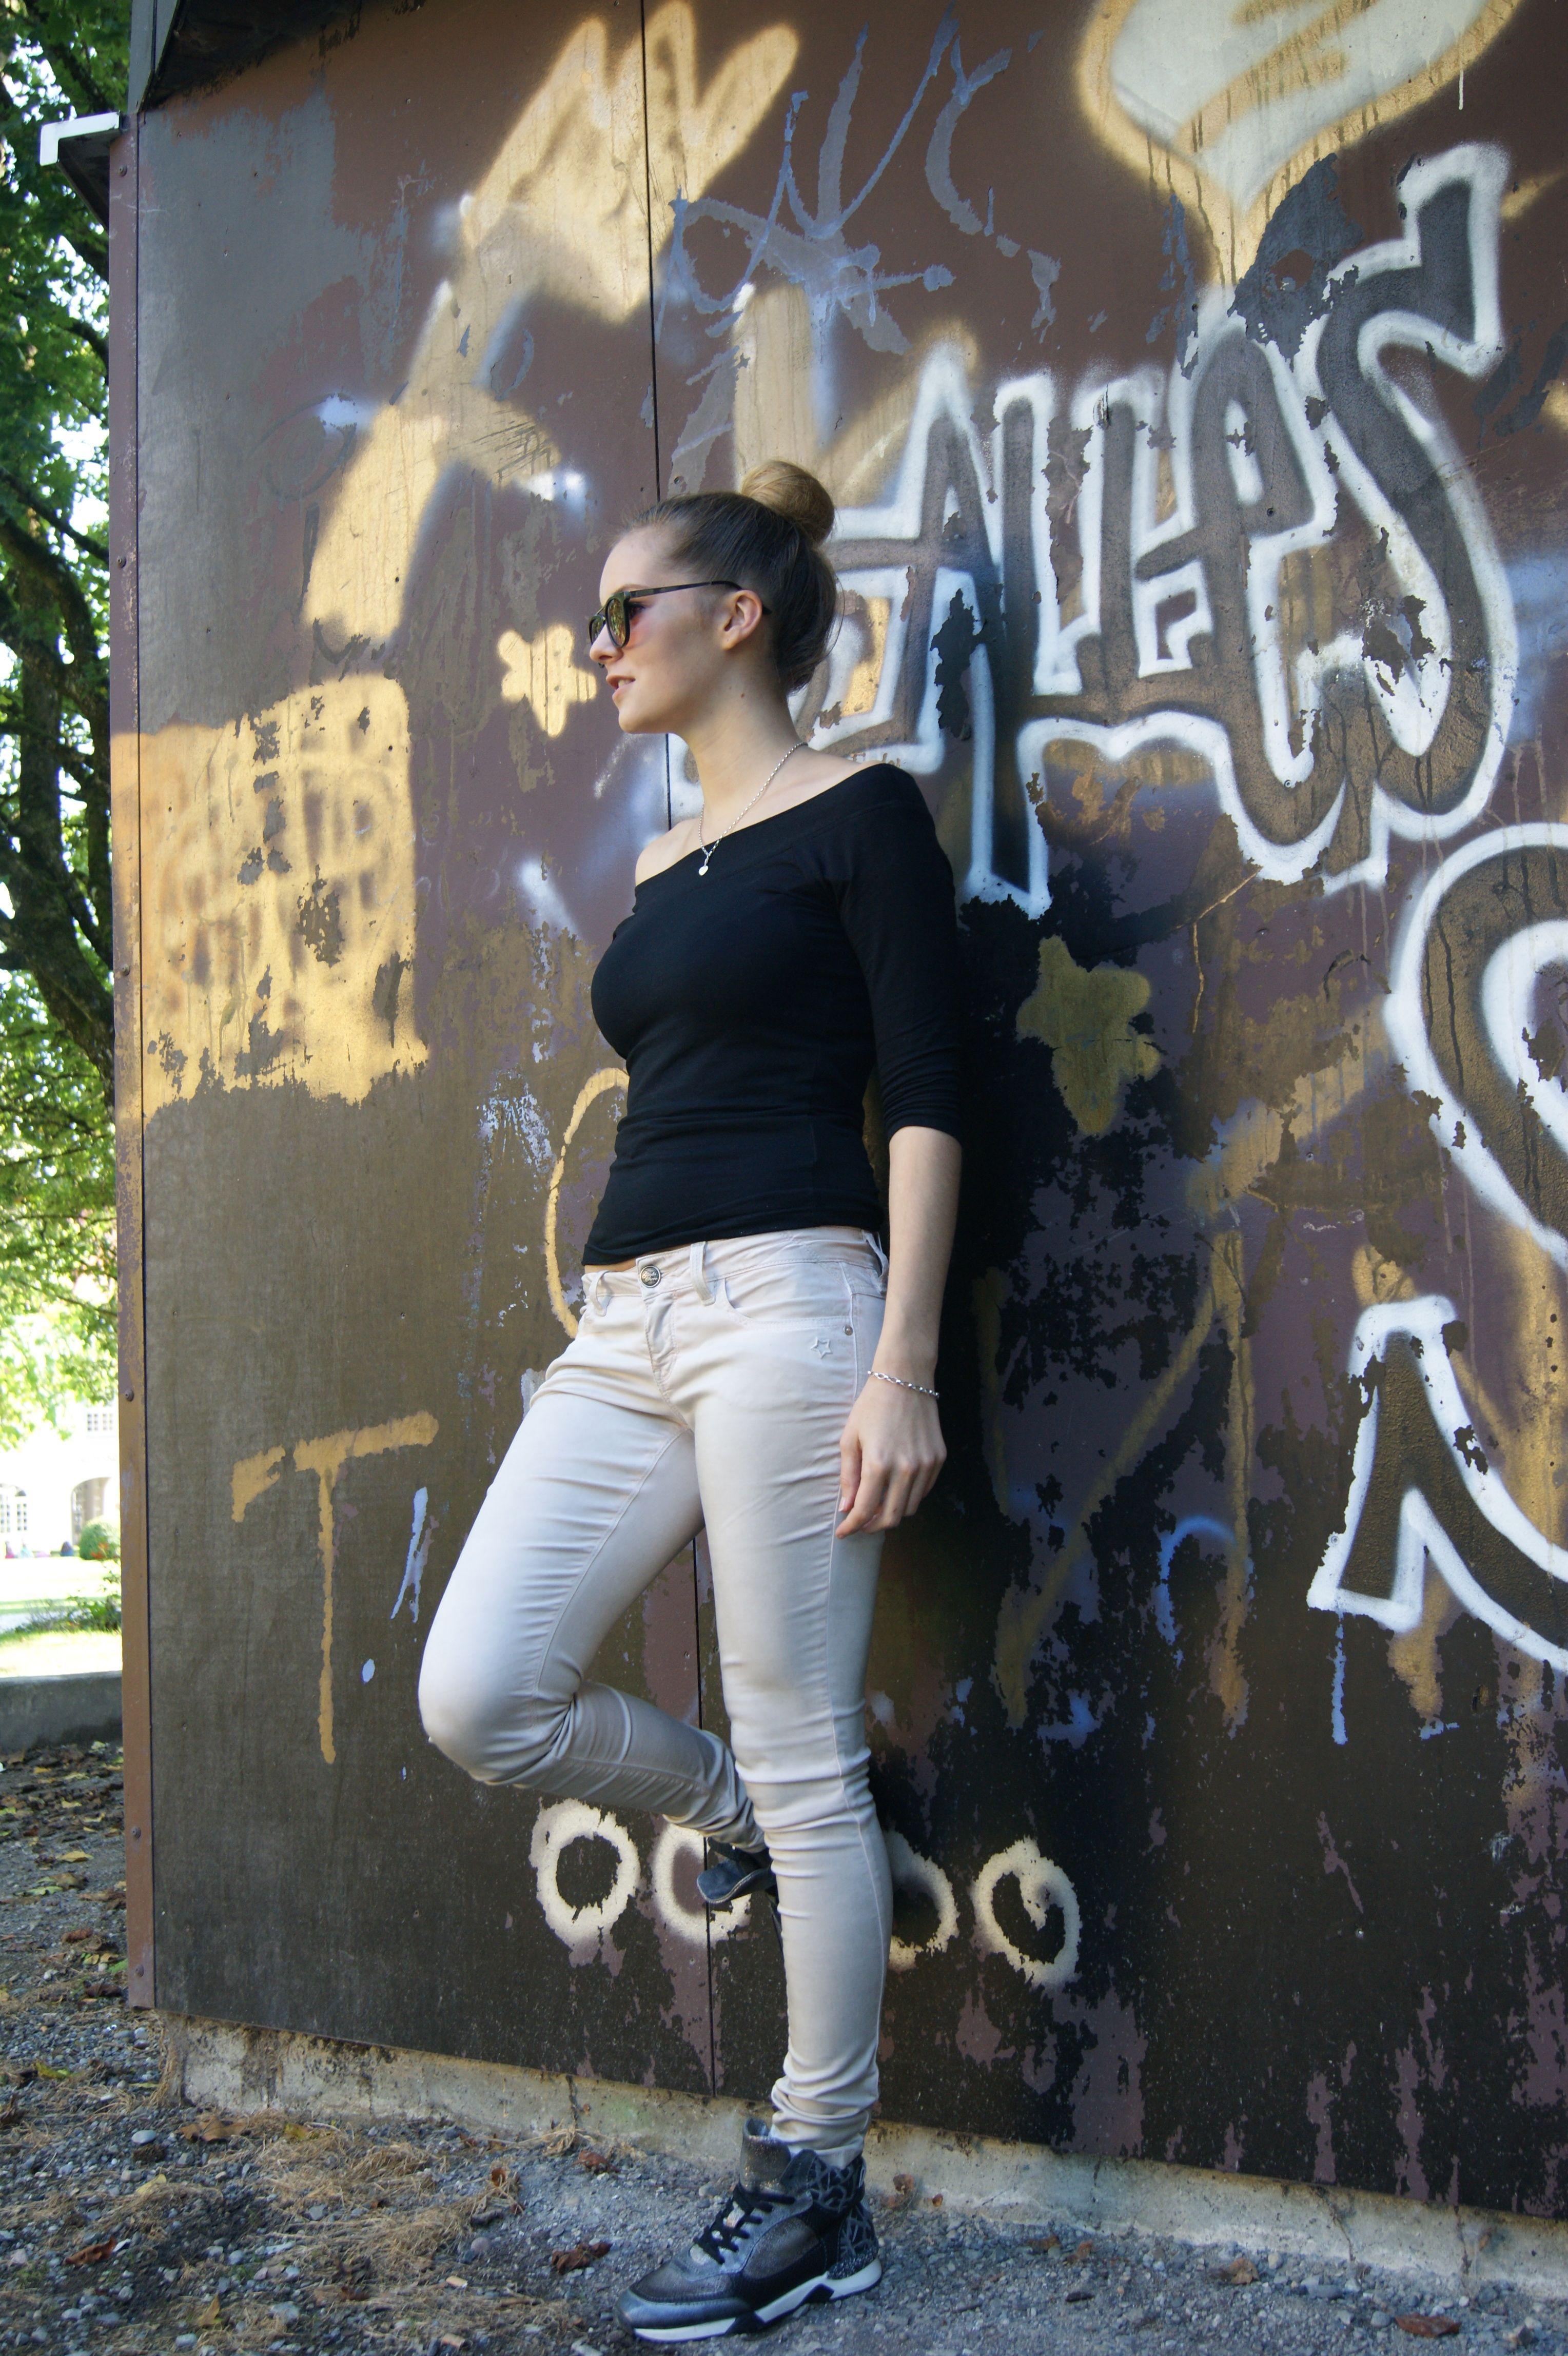 Diese Hose alleine sorgt schon für ein perfektes Outfit! http://www.gluecksstern.de/…/N…/Nele-Skinny-beige-antik.html #GSgluecksstern #hose #outfit #style #fashion